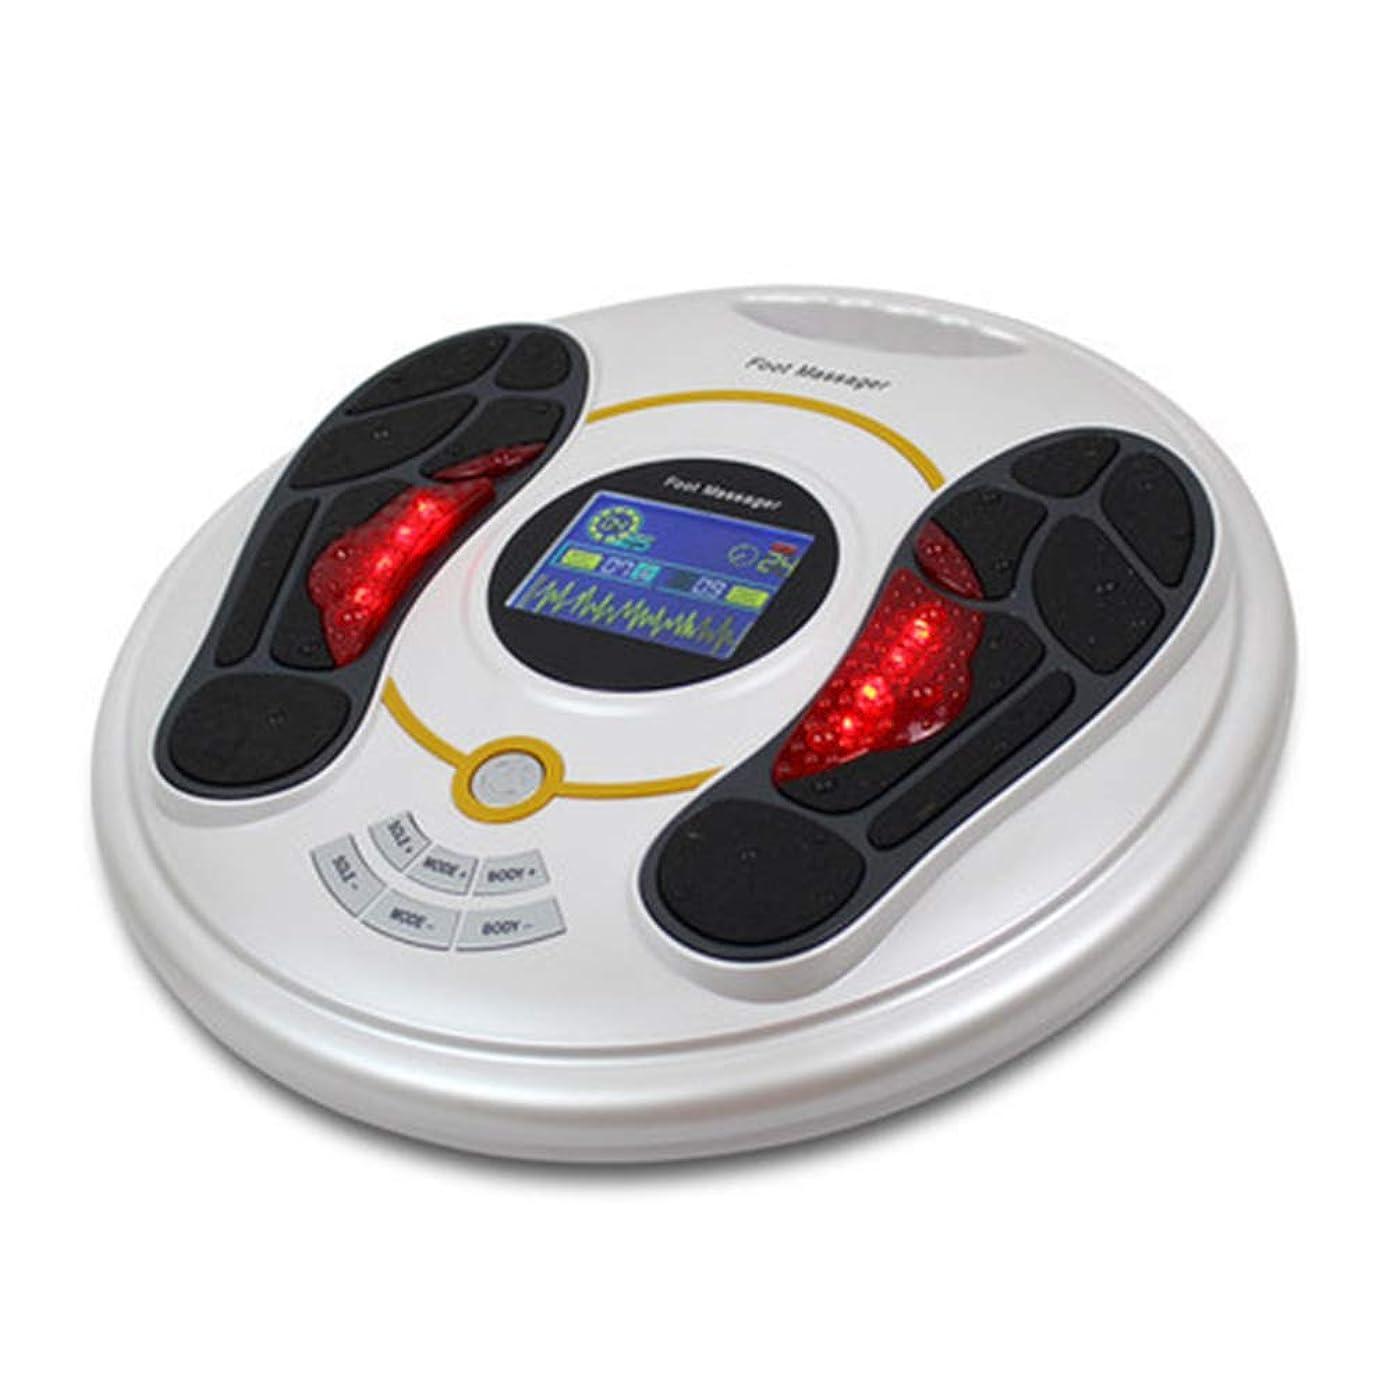 店員おもちゃ手がかり調整可能 電磁石の足のマッサージャー、指圧ボディマッサージャーの循環のマッサージャーは血循環療法の苦痛救助を刺激するために後押しします。 リラックス, white